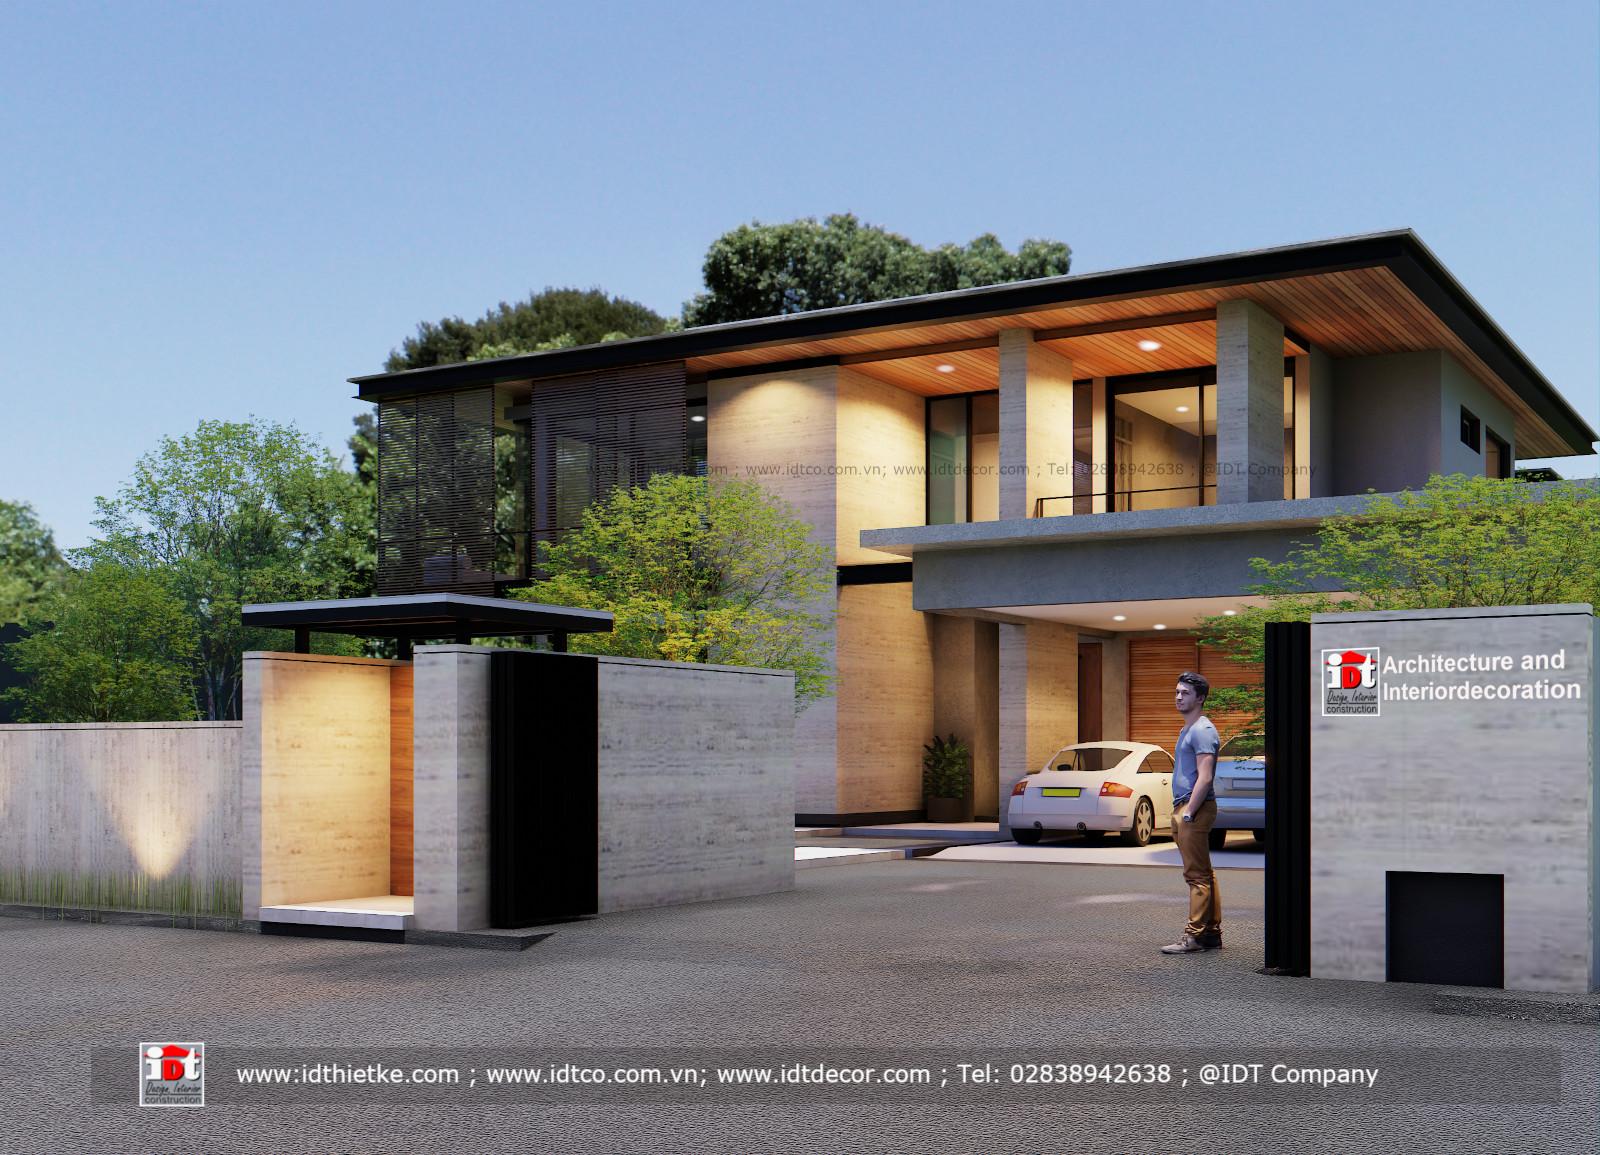 Modern luxury villa design with flat roof with garden Code BT2175